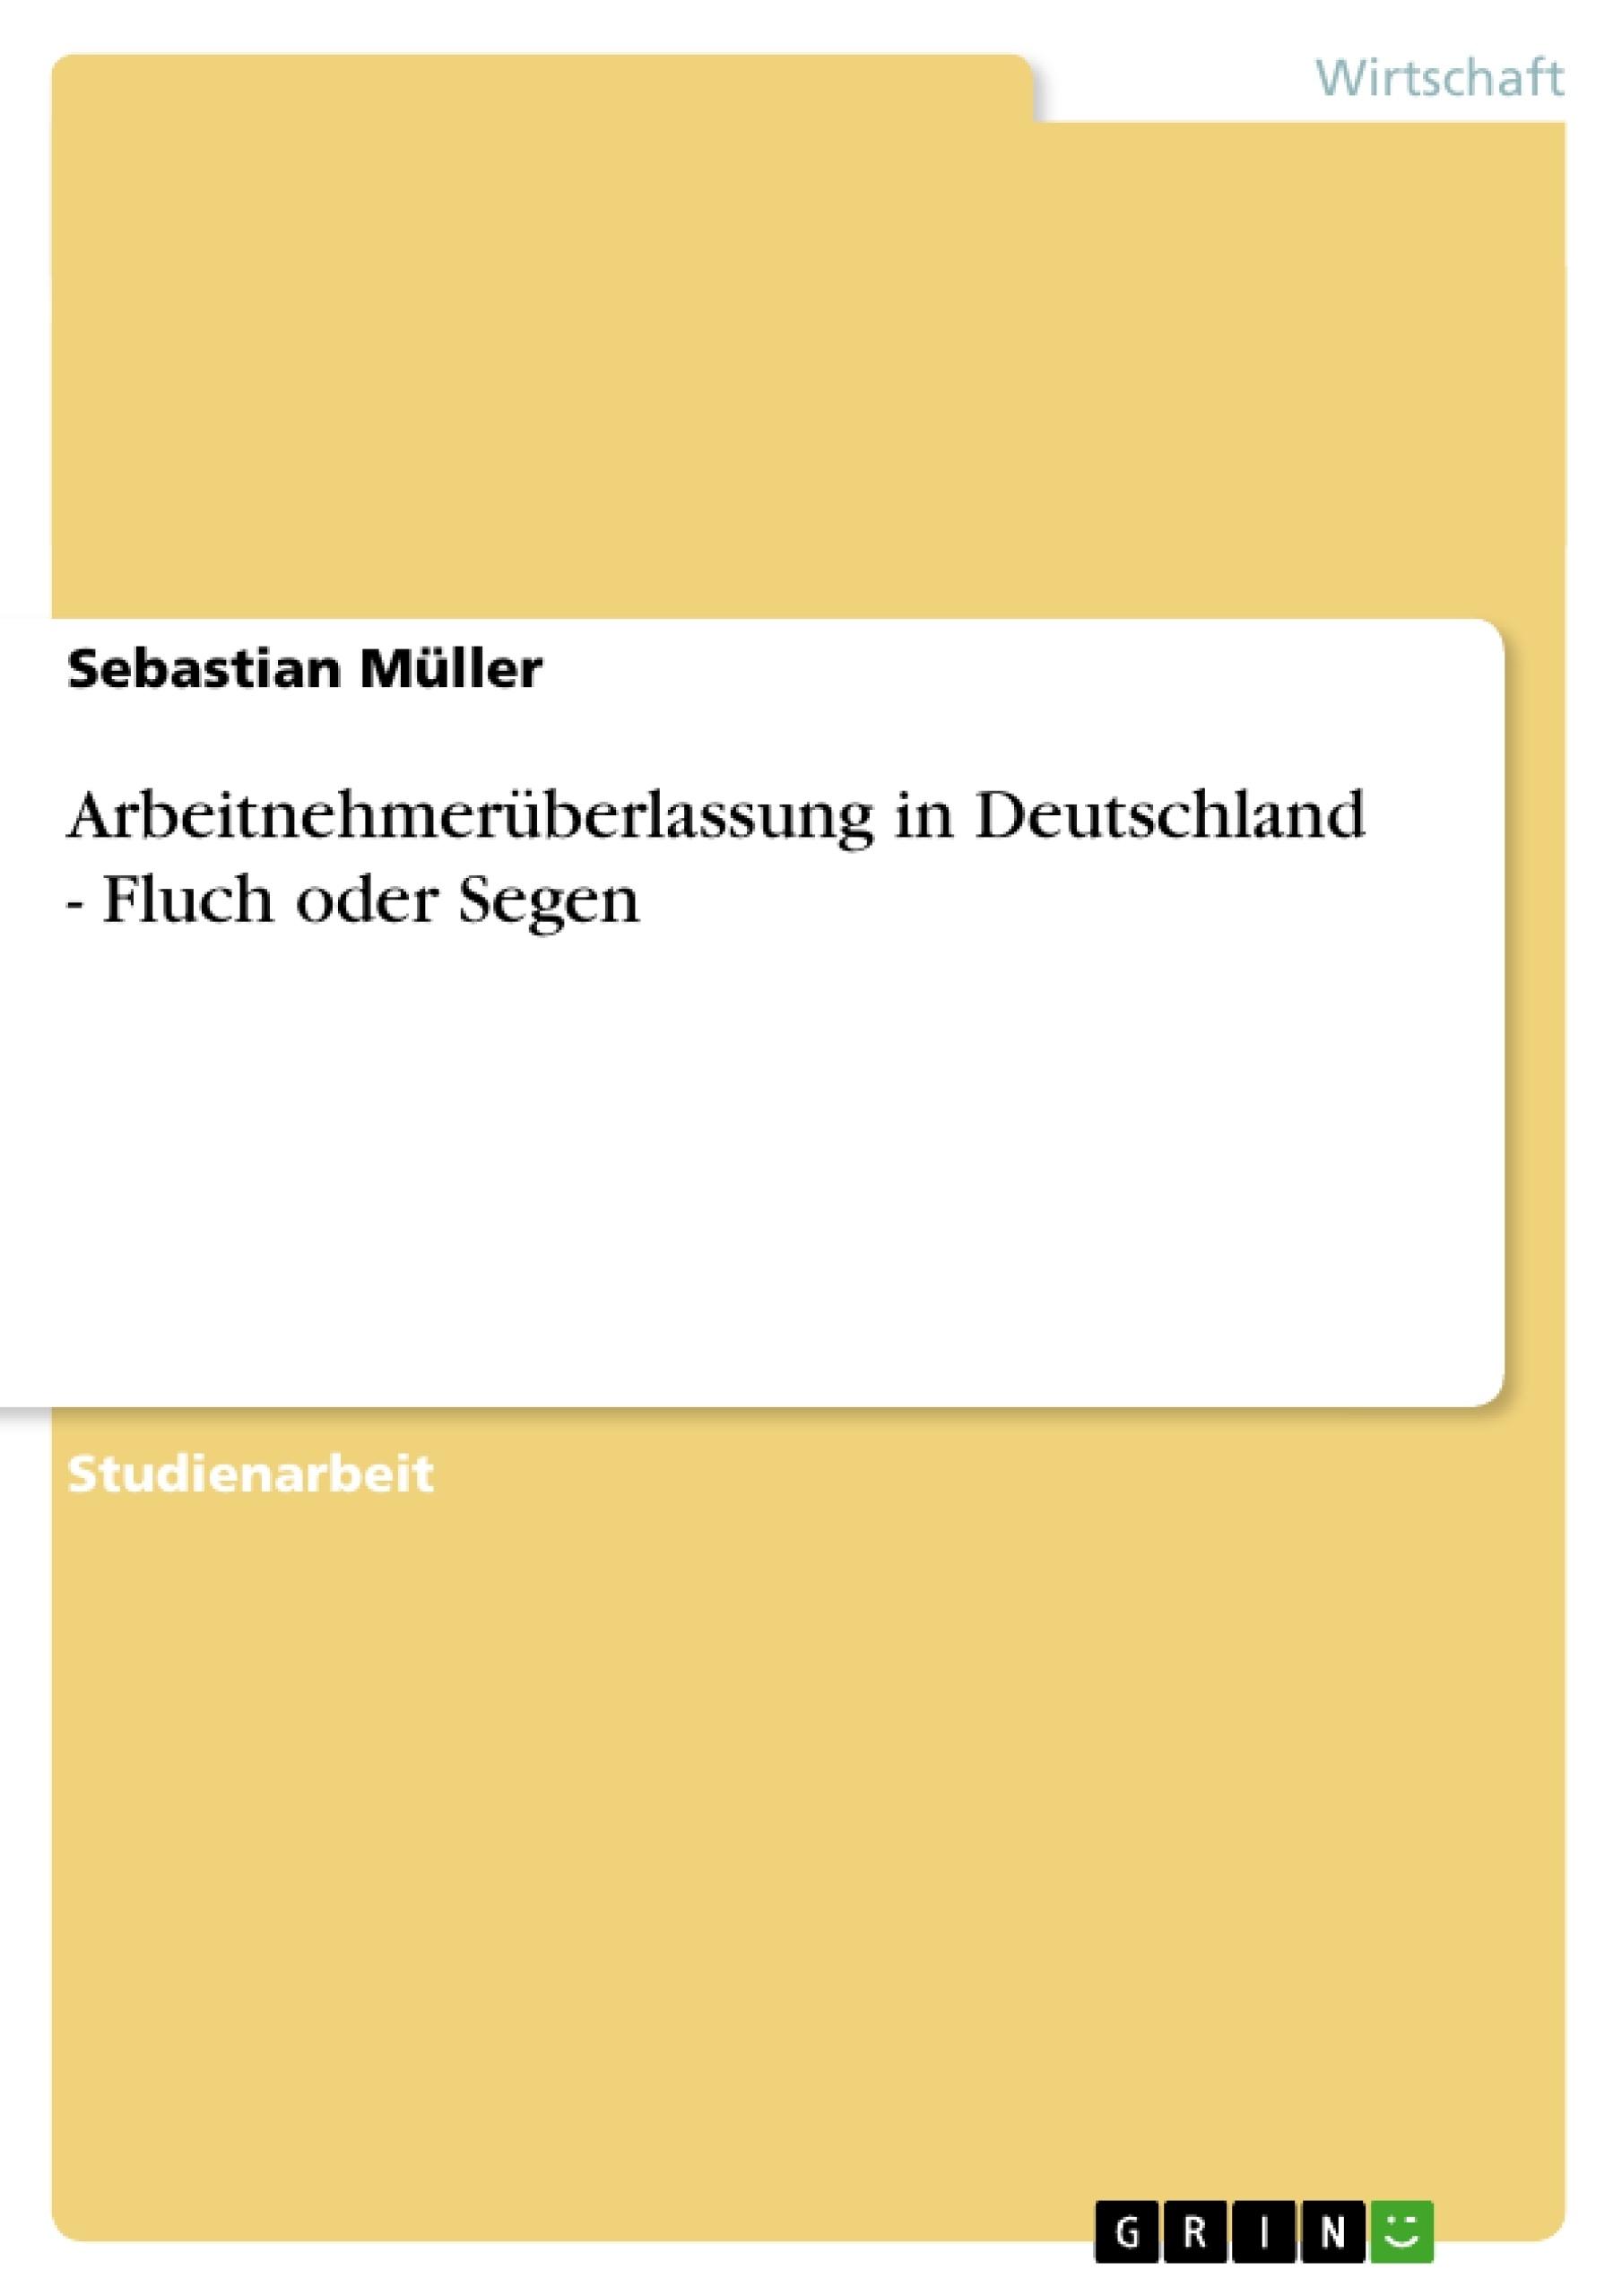 Titel: Arbeitnehmerüberlassung in Deutschland - Fluch oder Segen